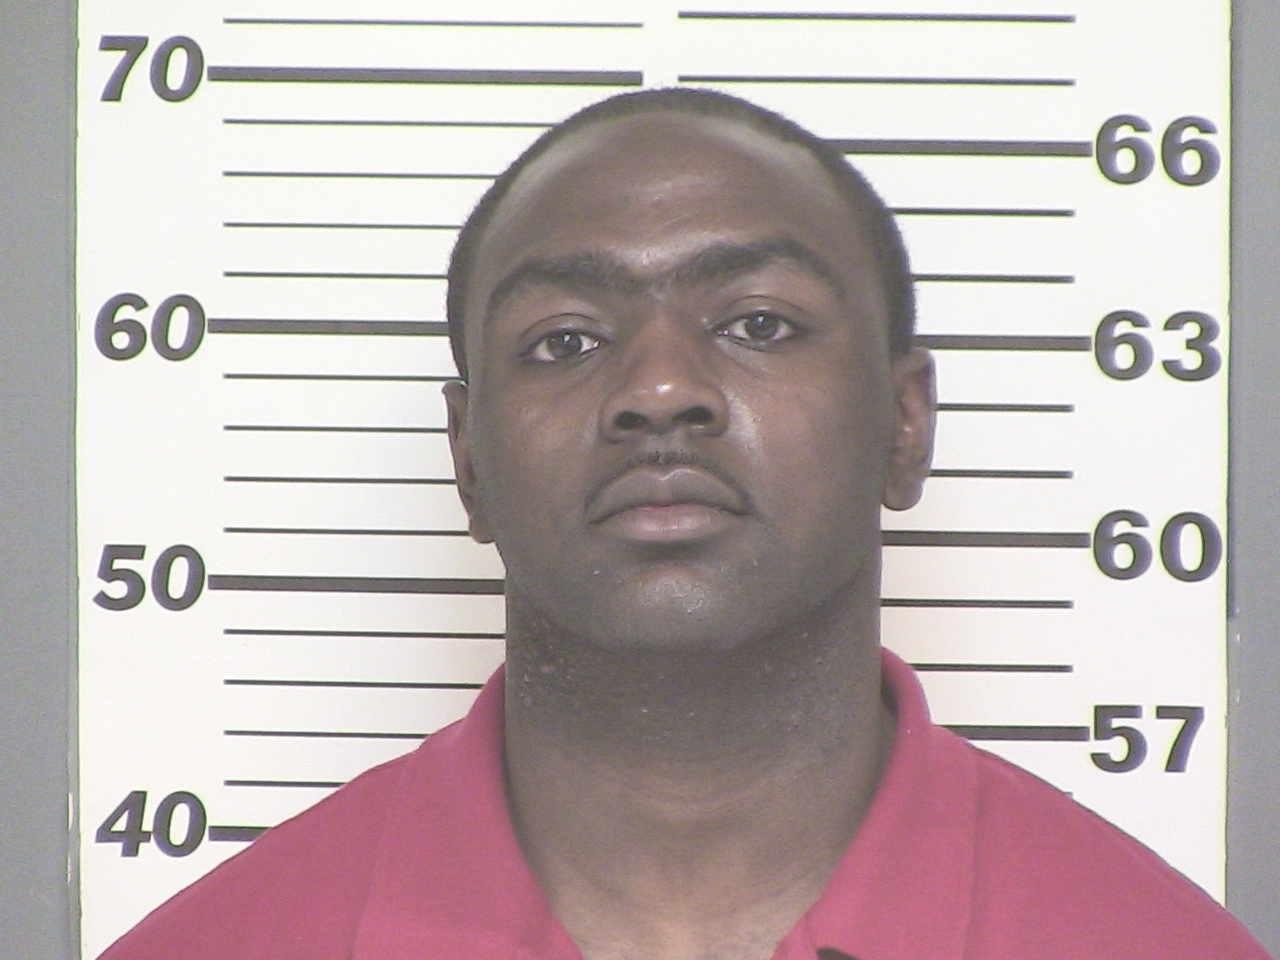 elkhart county sex offender registry